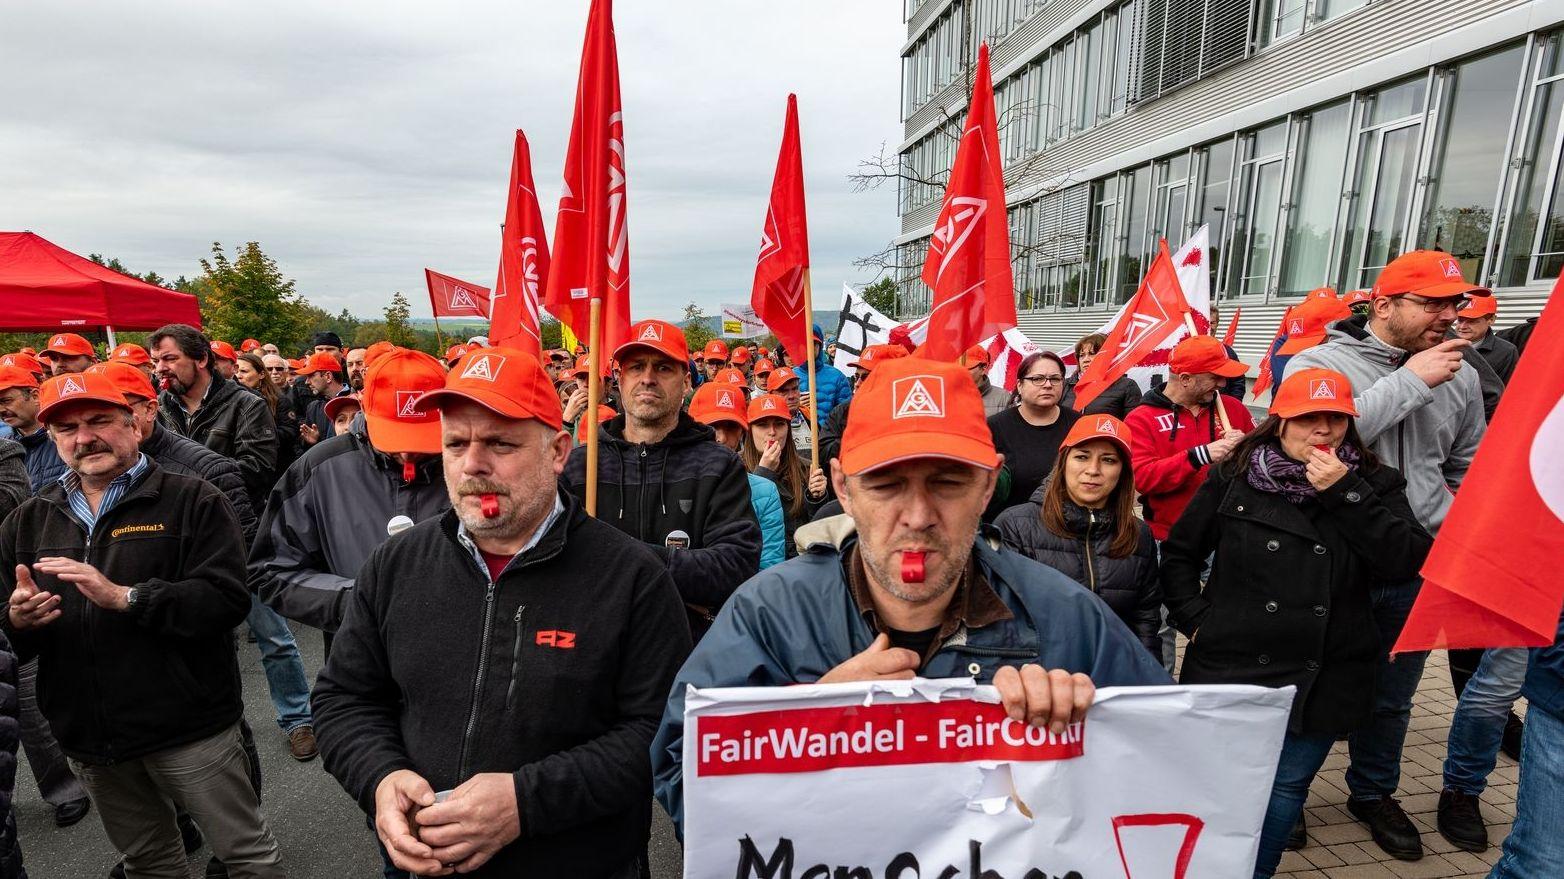 Im November demonstrierte die IG-Metall vor der Conti-Zentrale in Hannover, auch Mitarbeiter aus Roding waren dabei